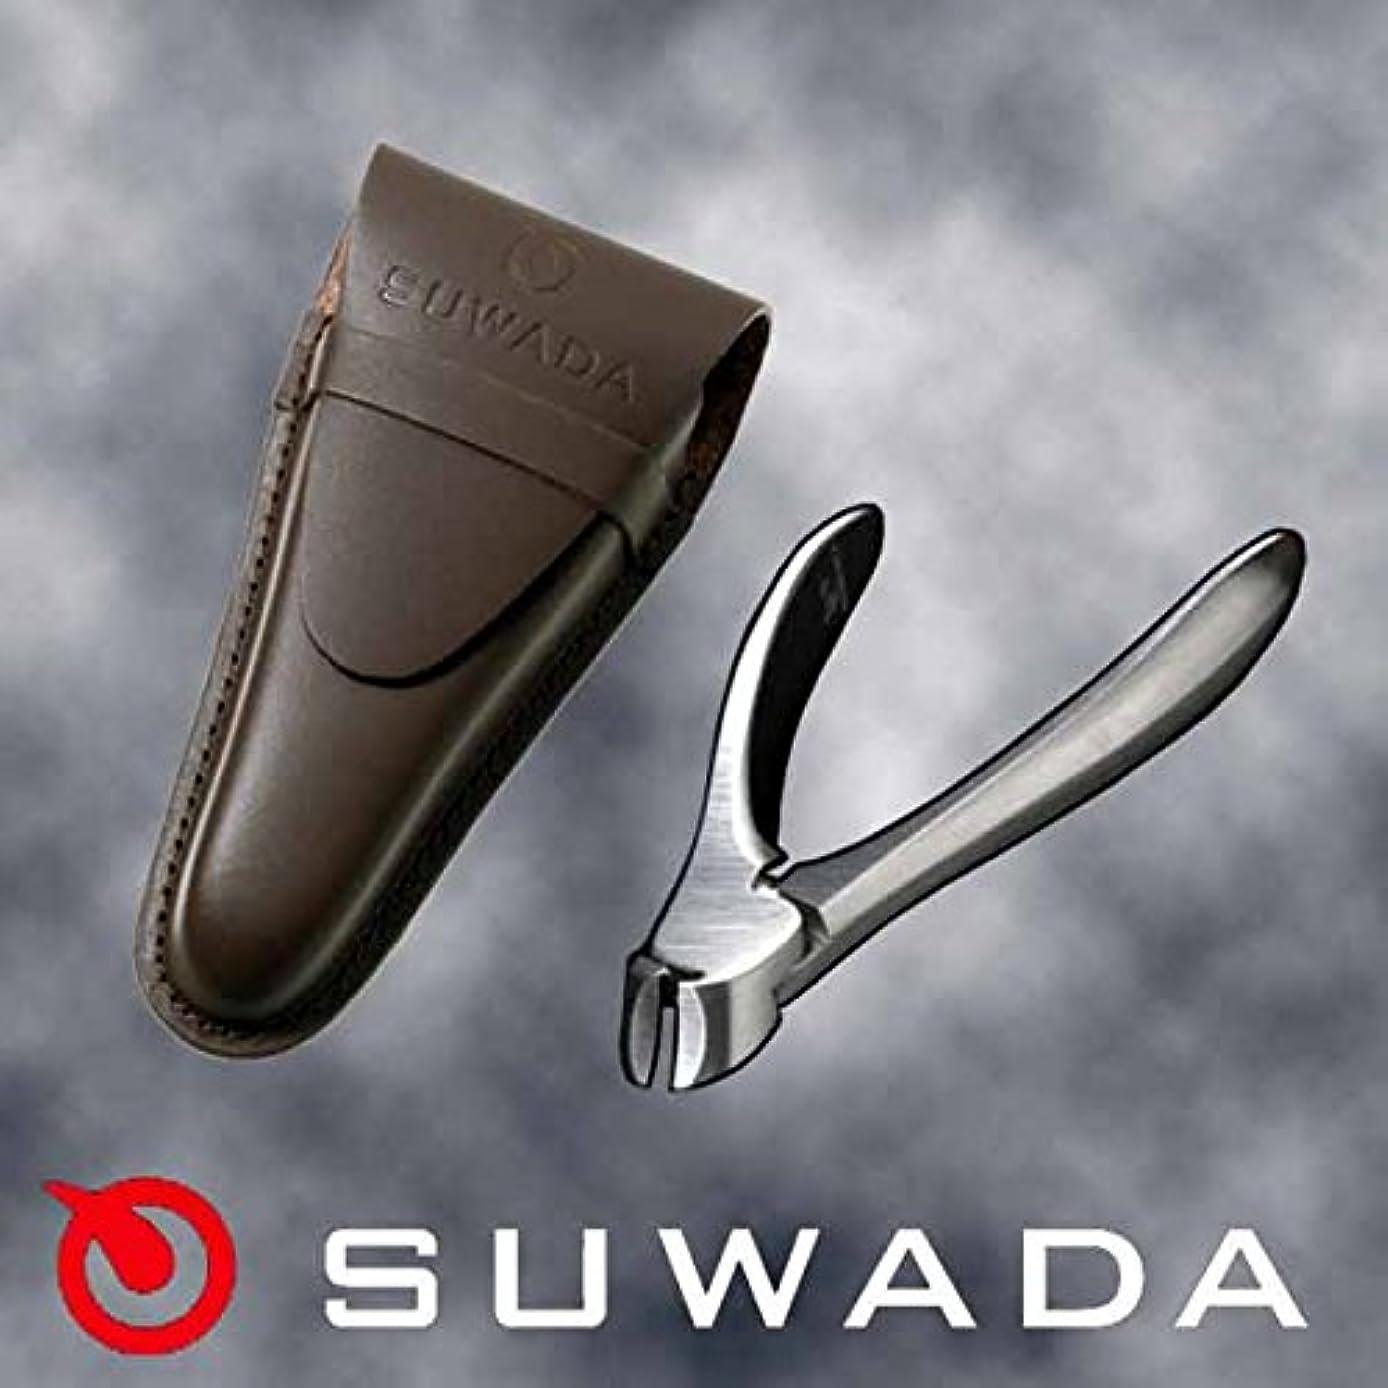 リード発見する広くSUWADA爪切りクラシックベビー&ブラウン(茶)革ケースセット 特注モデル 諏訪田製作所製 スワダの爪切り